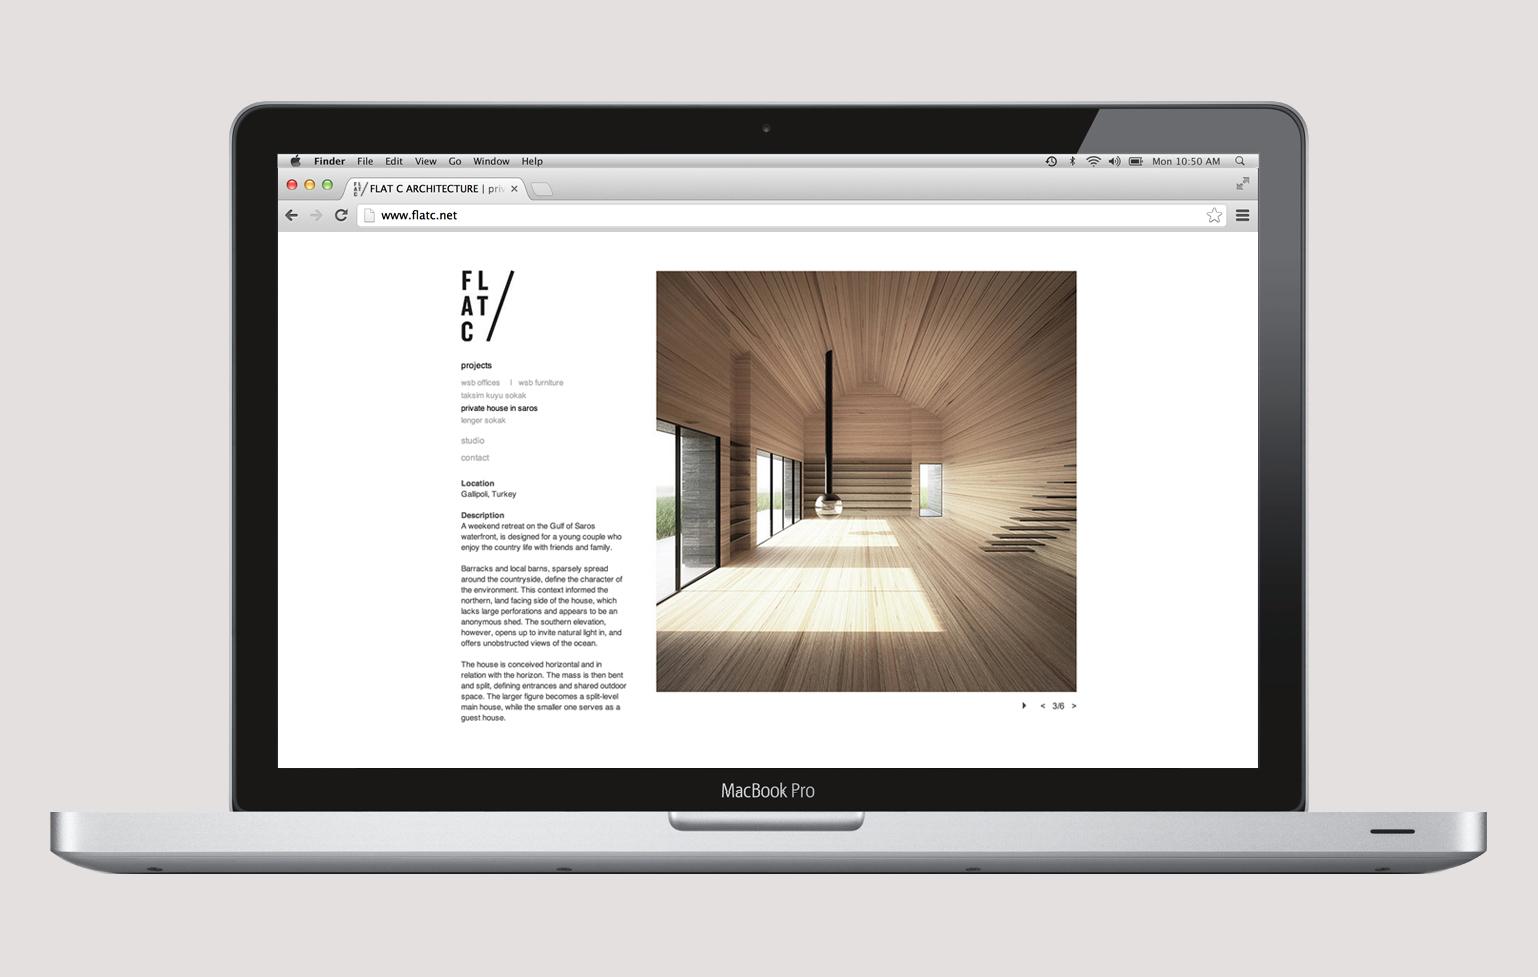 FLATC_Web1.jpg